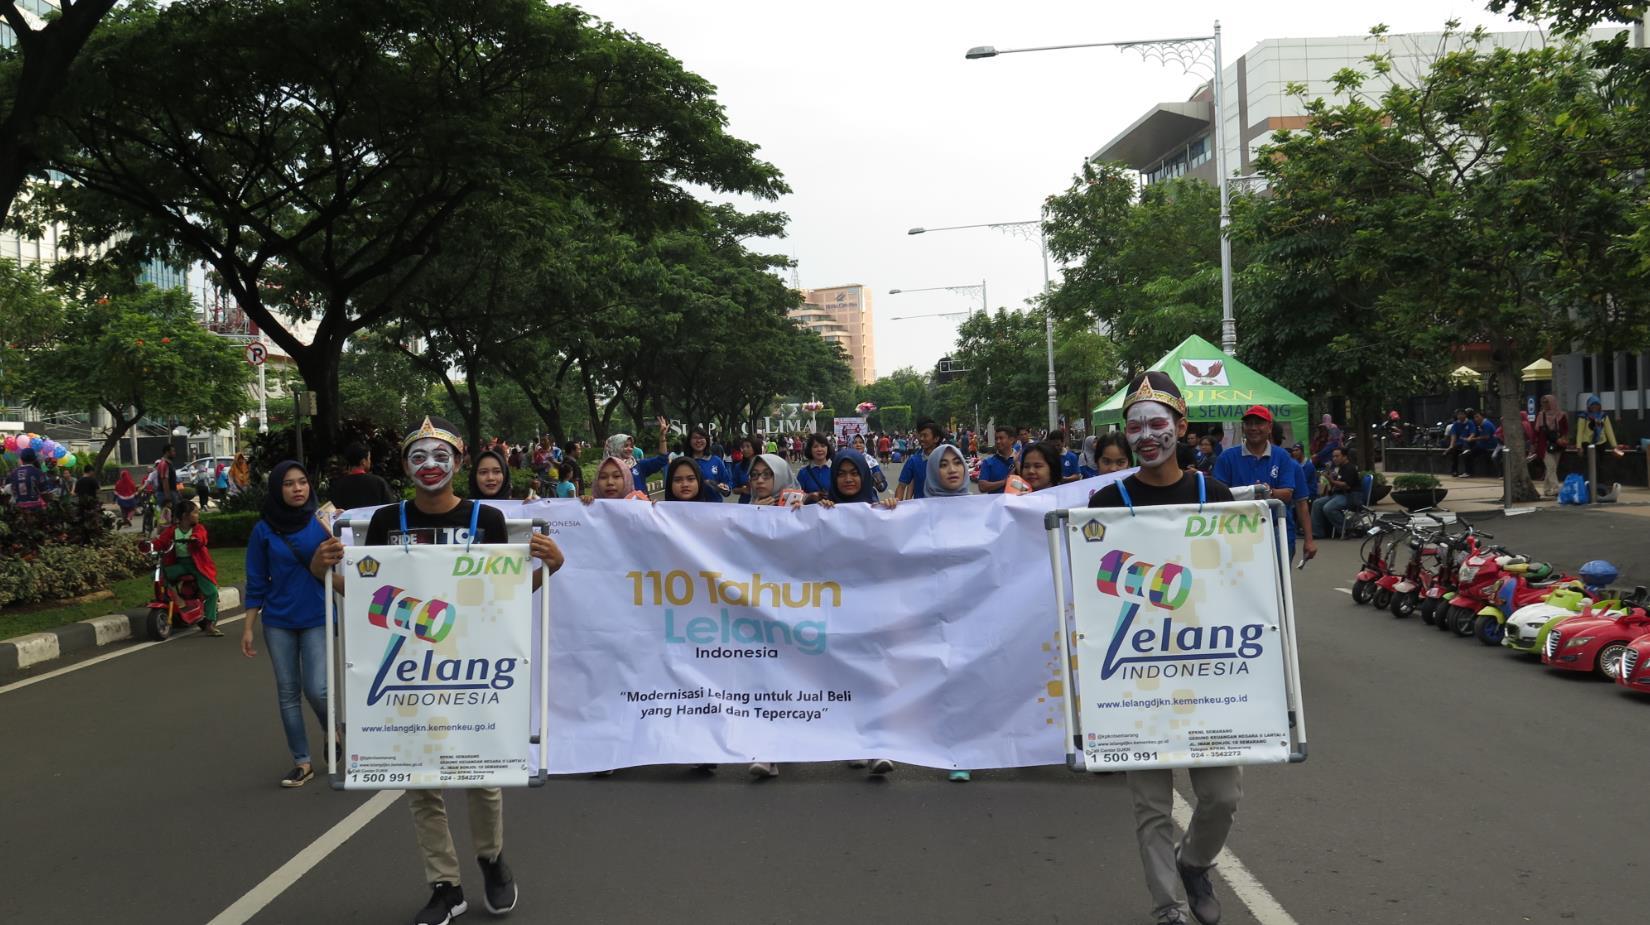 Kenalkan Lelang pada Warga Semarang di CFD Simpang Lima Semarang